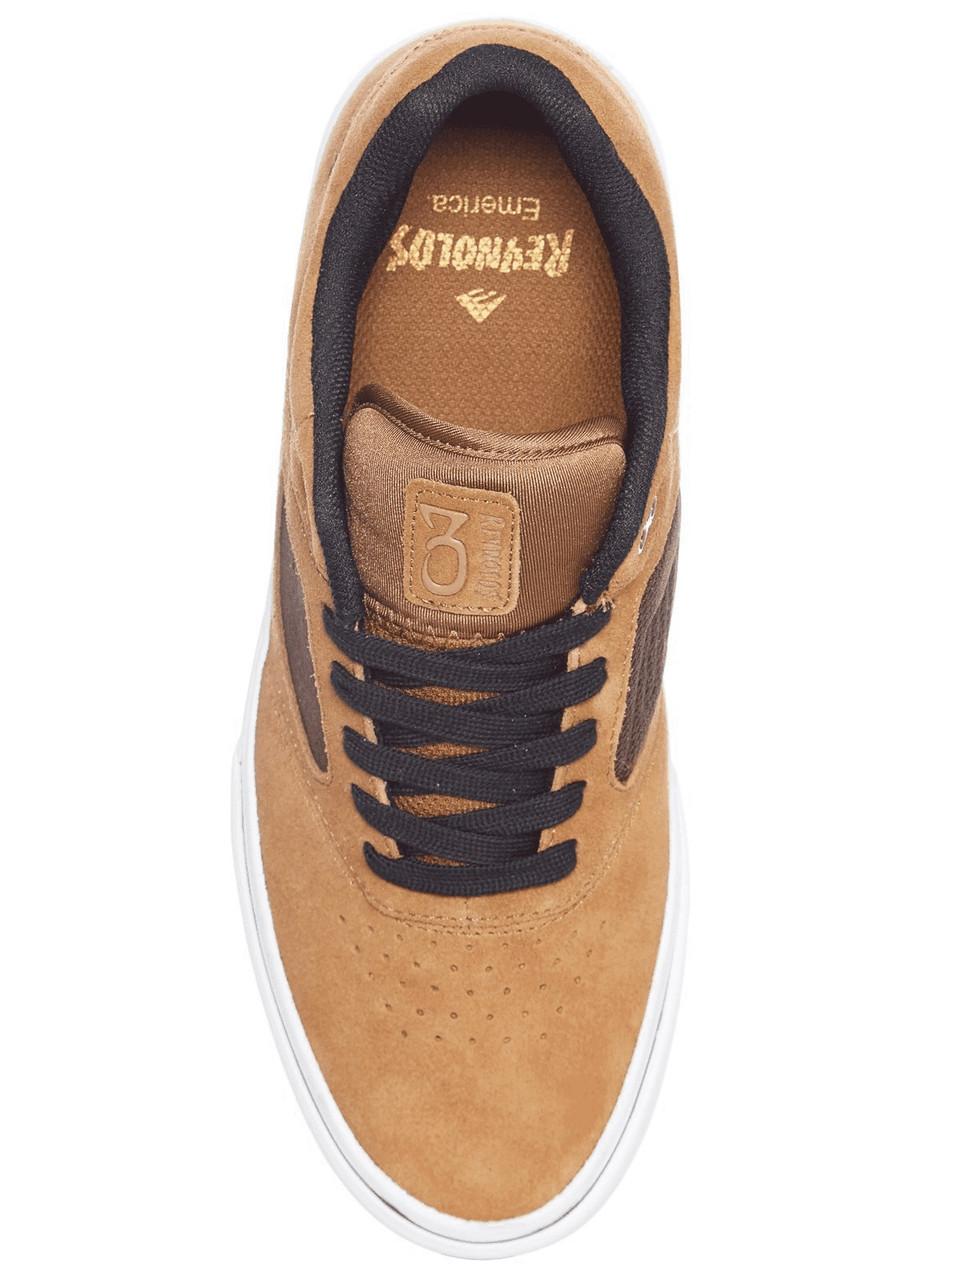 c017815d334 Emerica Reynolds 3 G6 Vulc Skate Shoes Tan Brown